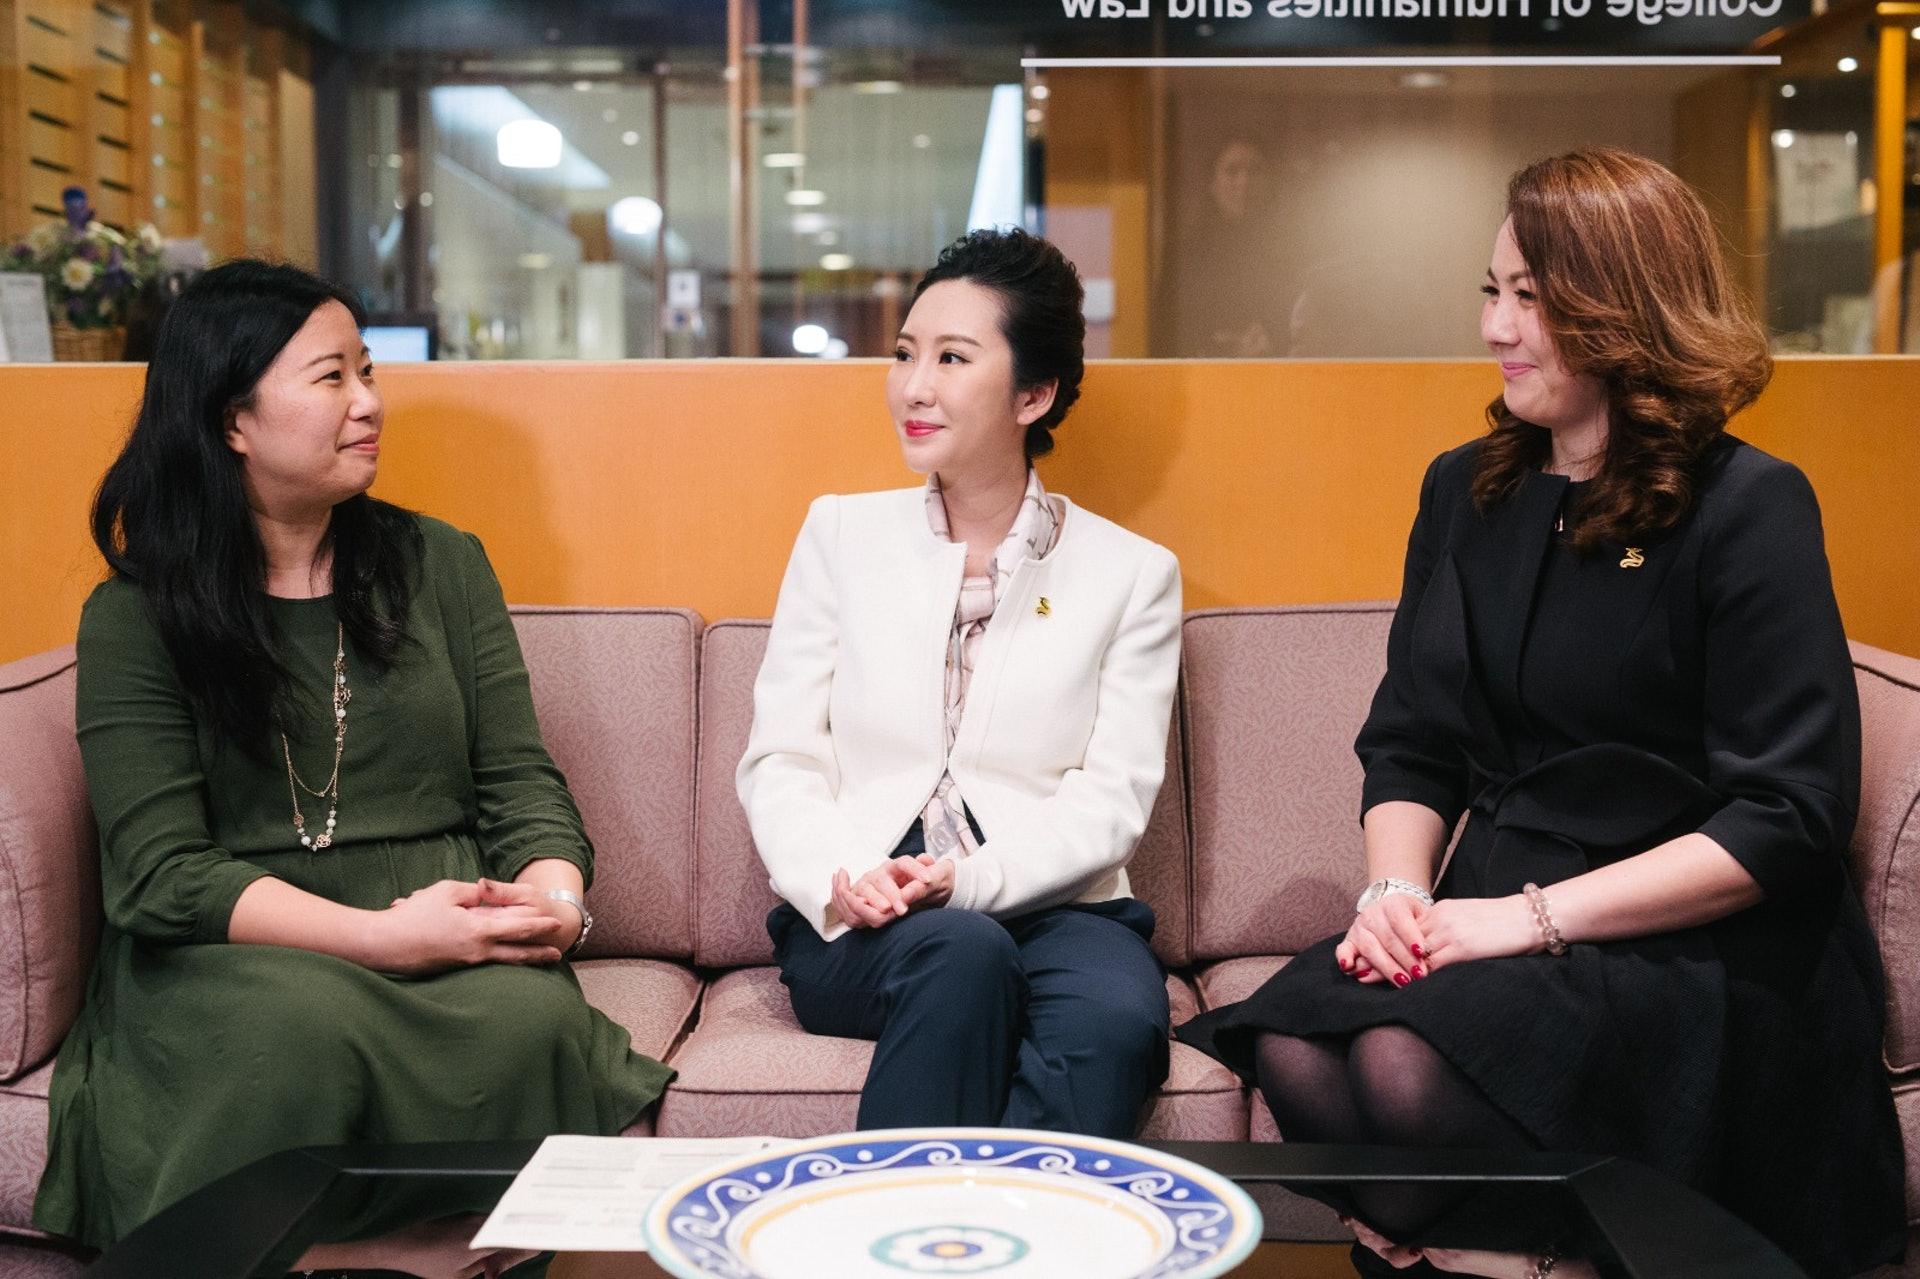 華龍航空與HKU SPACE合作為期4個月的私人飛機款客服務管理證書課程。﹙歐嘉樂攝﹚